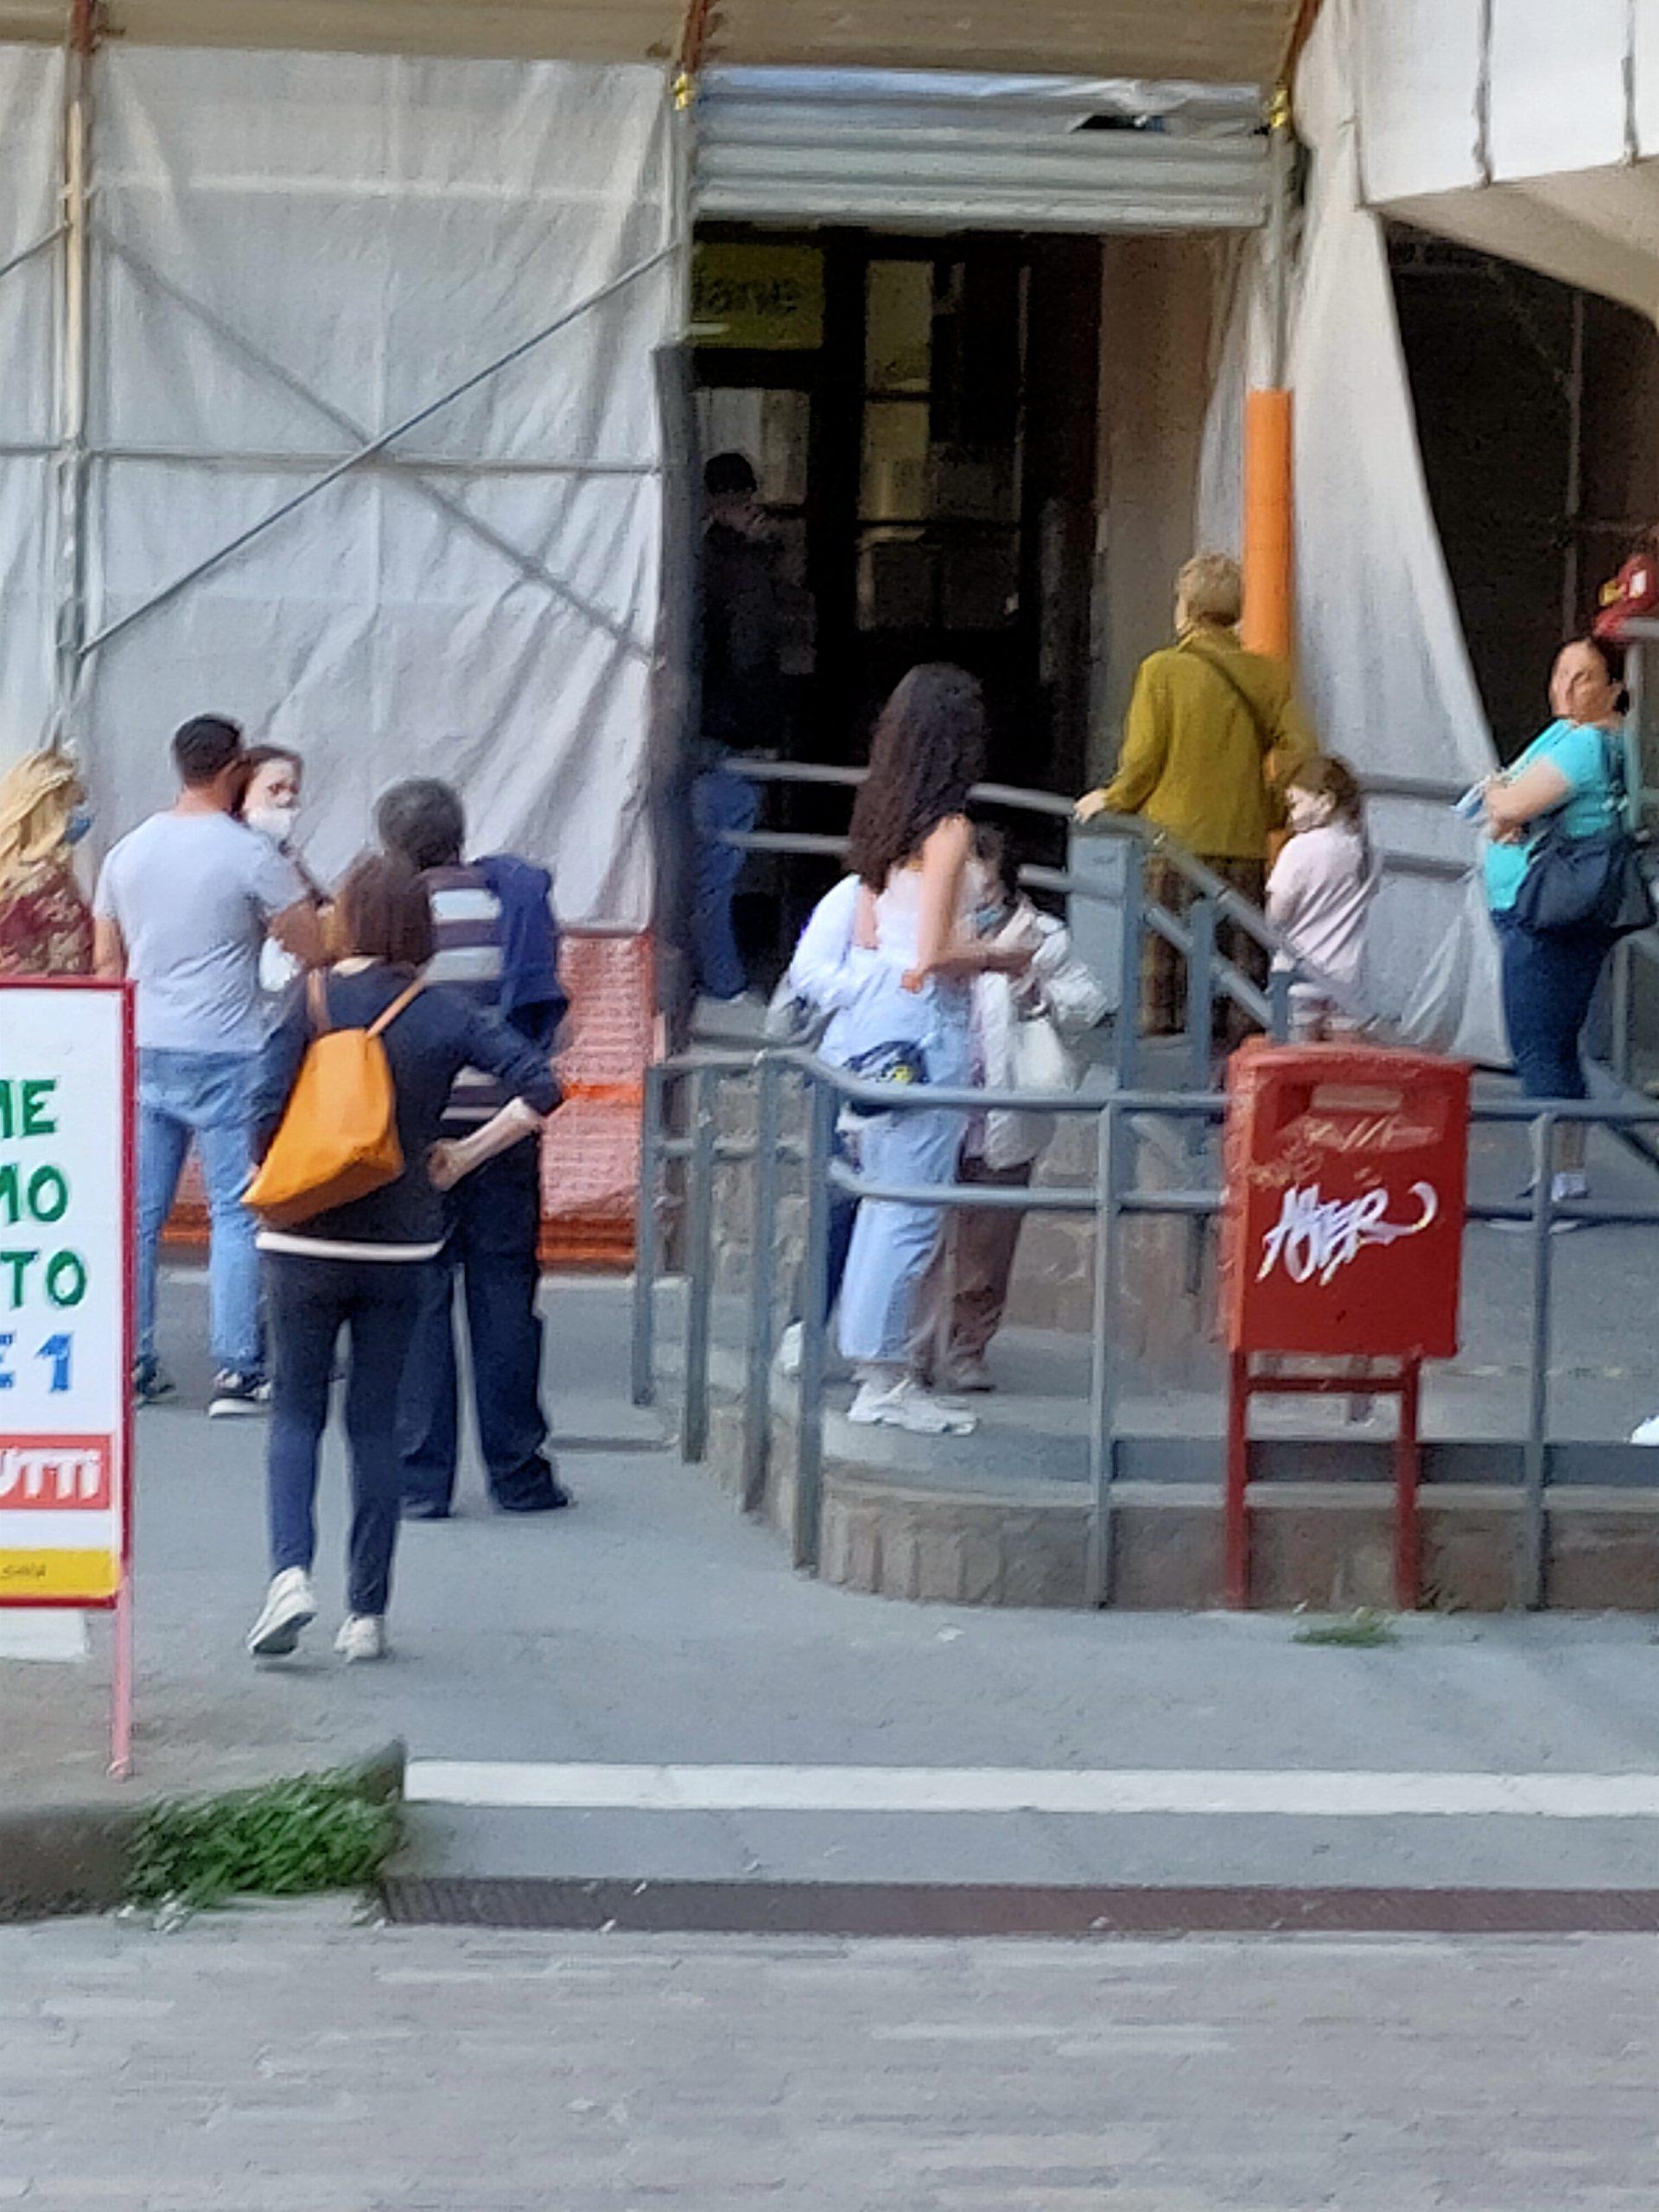 Viterbo, continua l'assembramento davanti alle poste di Via Ascenzi, il comandante della Polizia Locale Vinciotti forse non è di strada